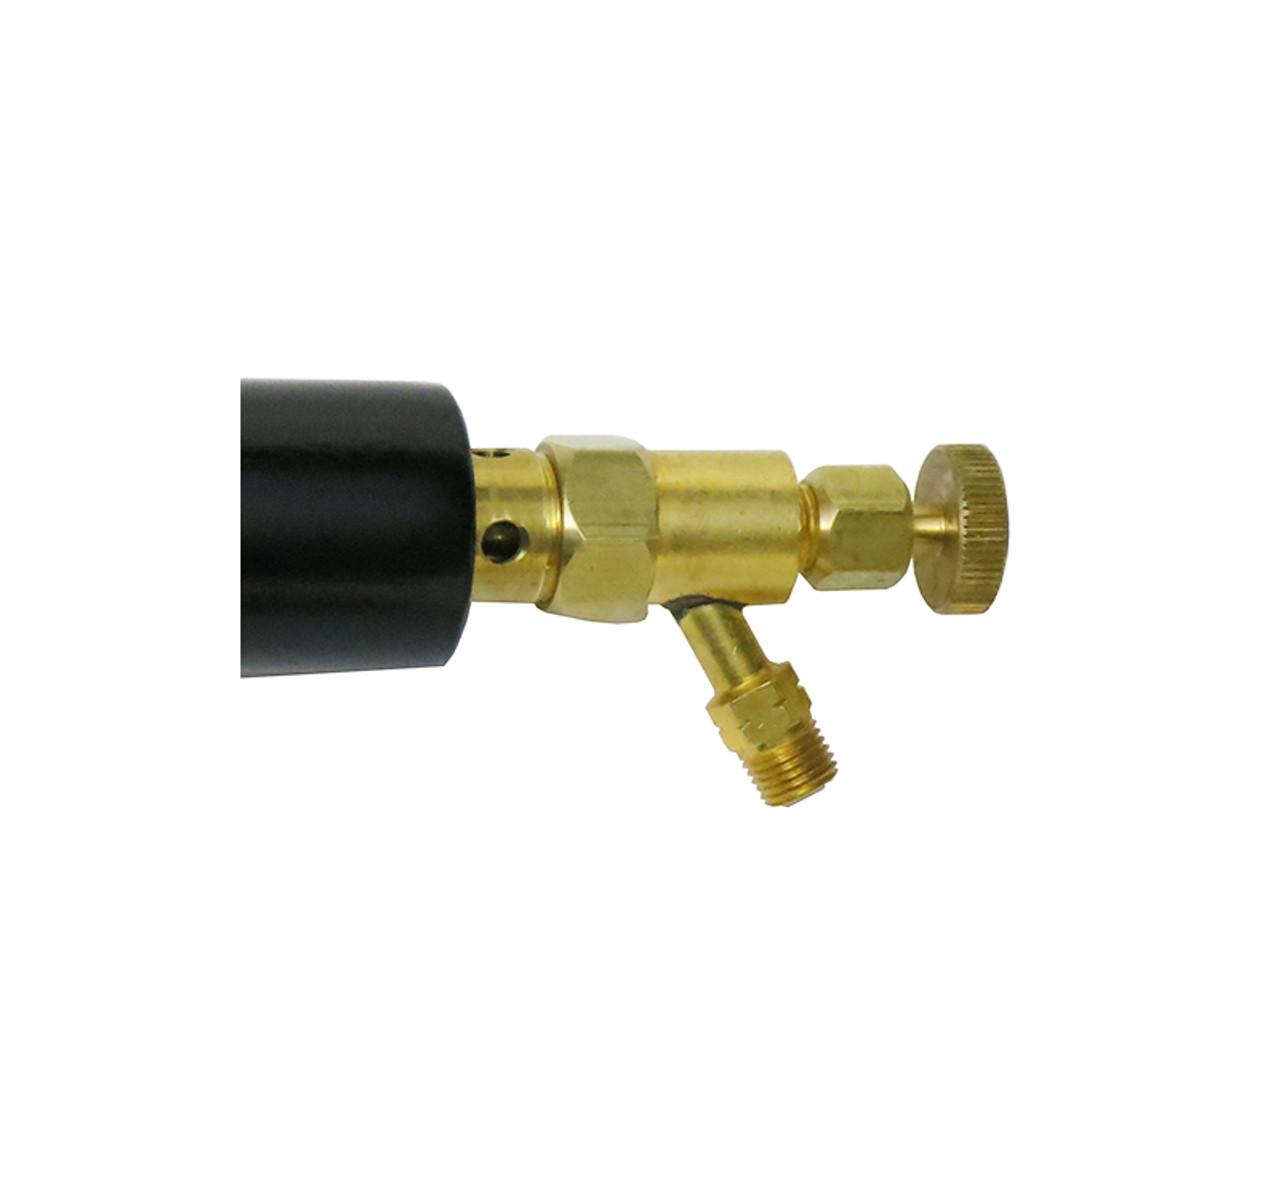 Aero Acetylene Duplex Soldering Iron Torch 3/8 L.H. Connection